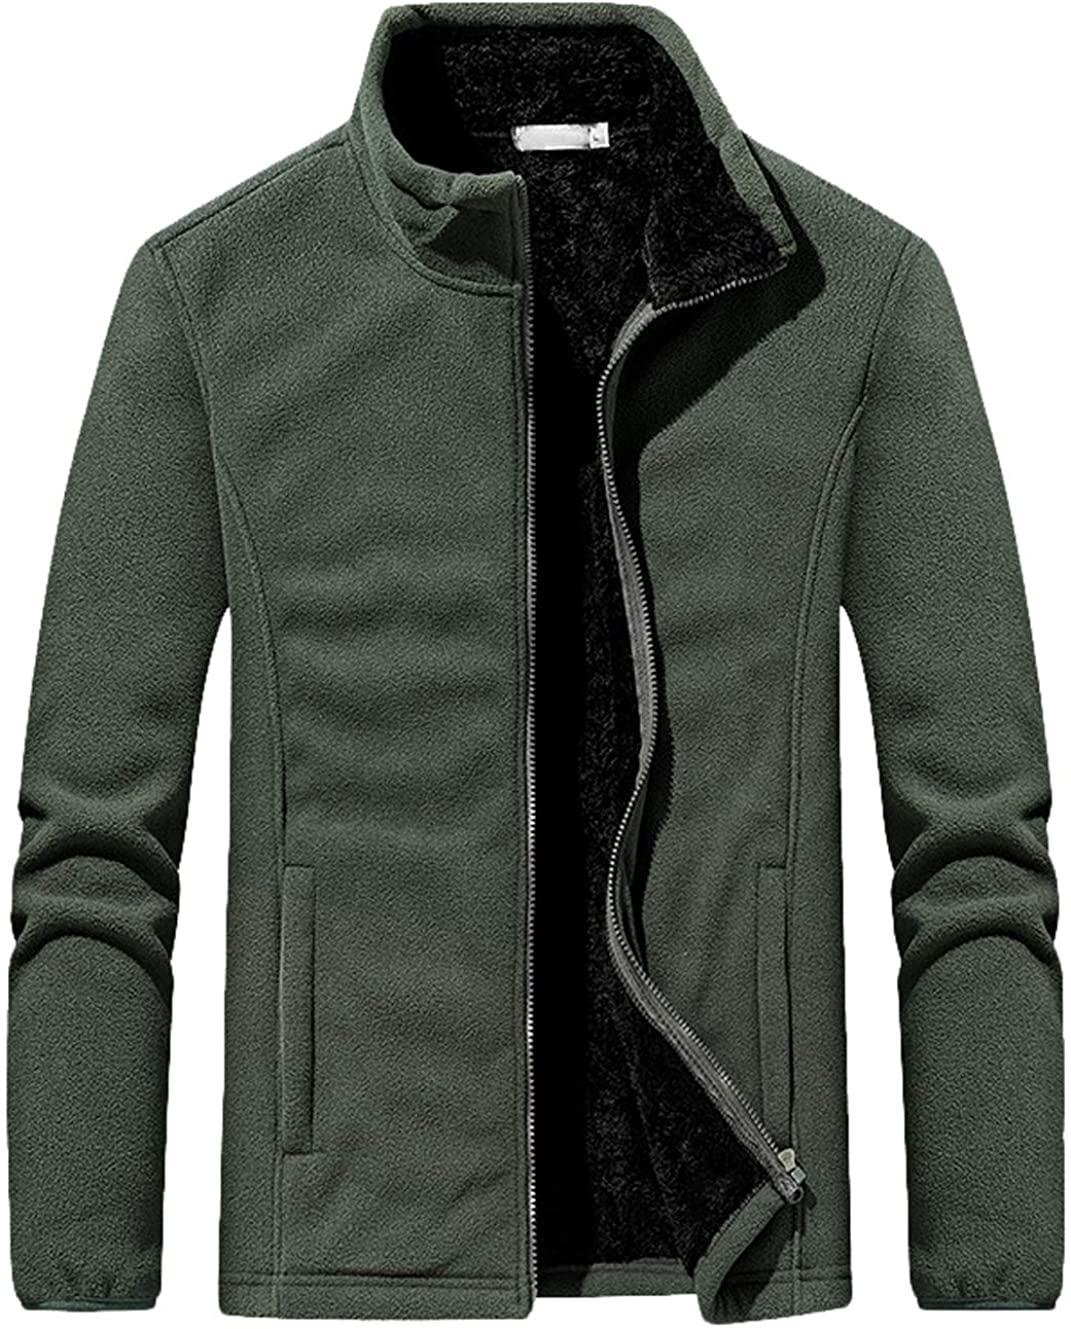 ebossy Mens Simple Sportswear Thicken Sherpa Lined Full Zip Soft Winter Polar Fleece Jacket